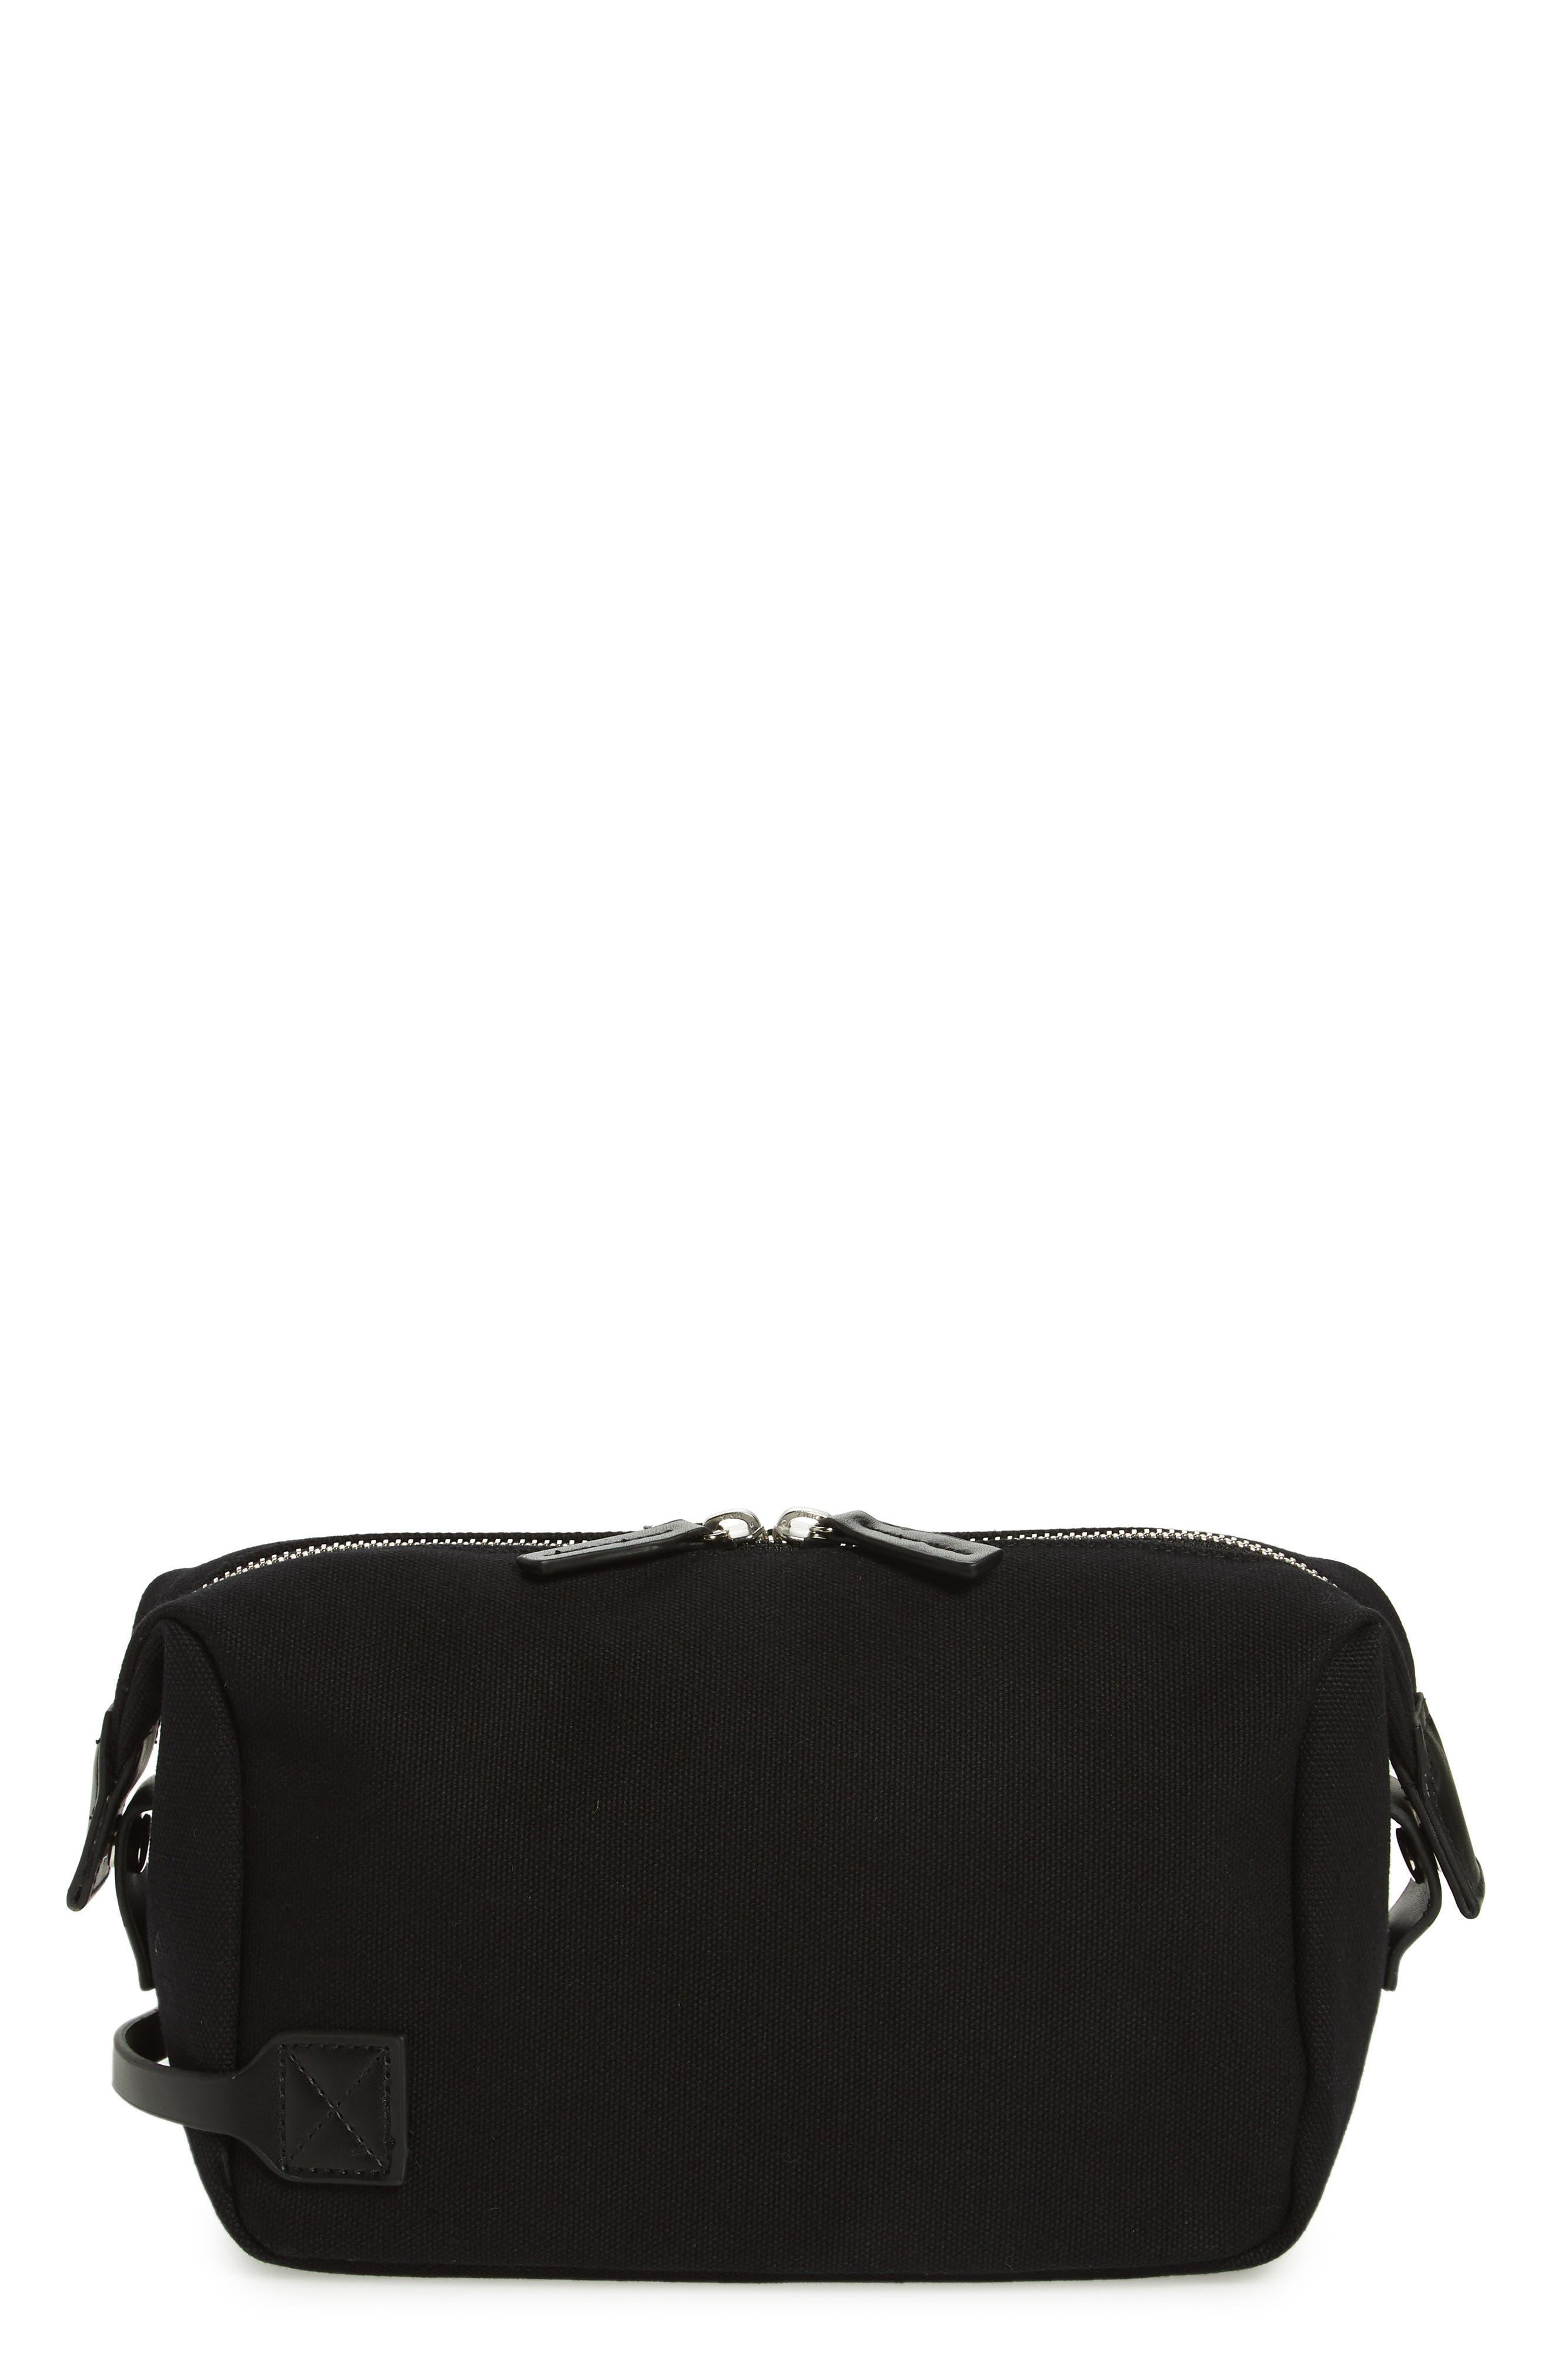 Chaz Dopp Kit,                         Main,                         color, Black